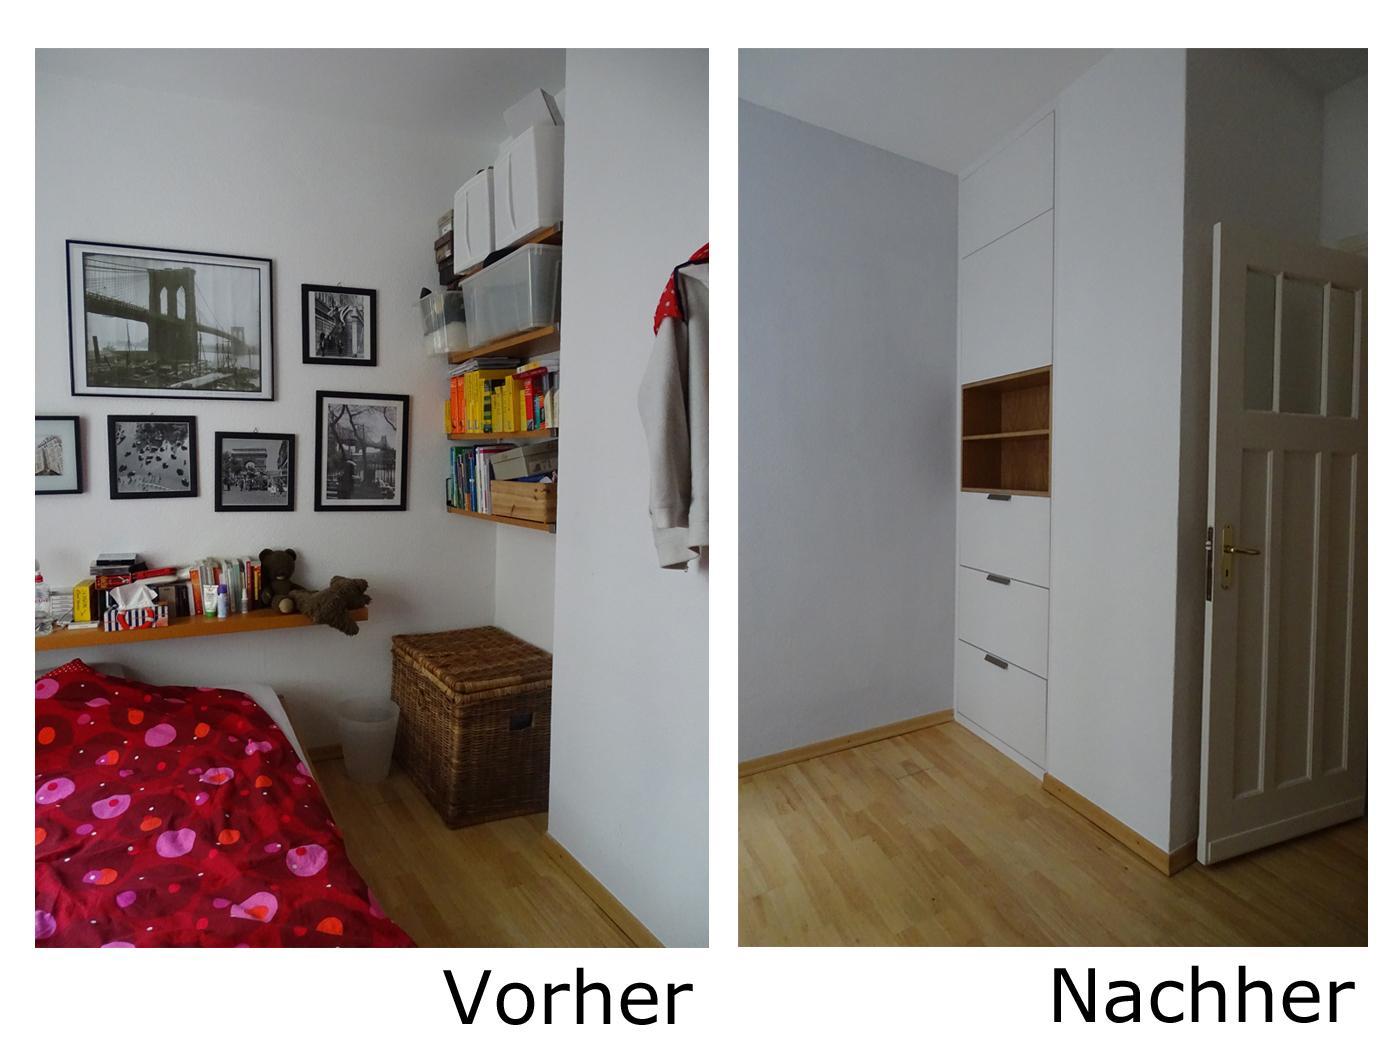 Vorher Nachher Schlafzimmer Mit Stauraumlösung #grauewand #stauraum  ©Mareike Kühn Interior Stylist U0026amp